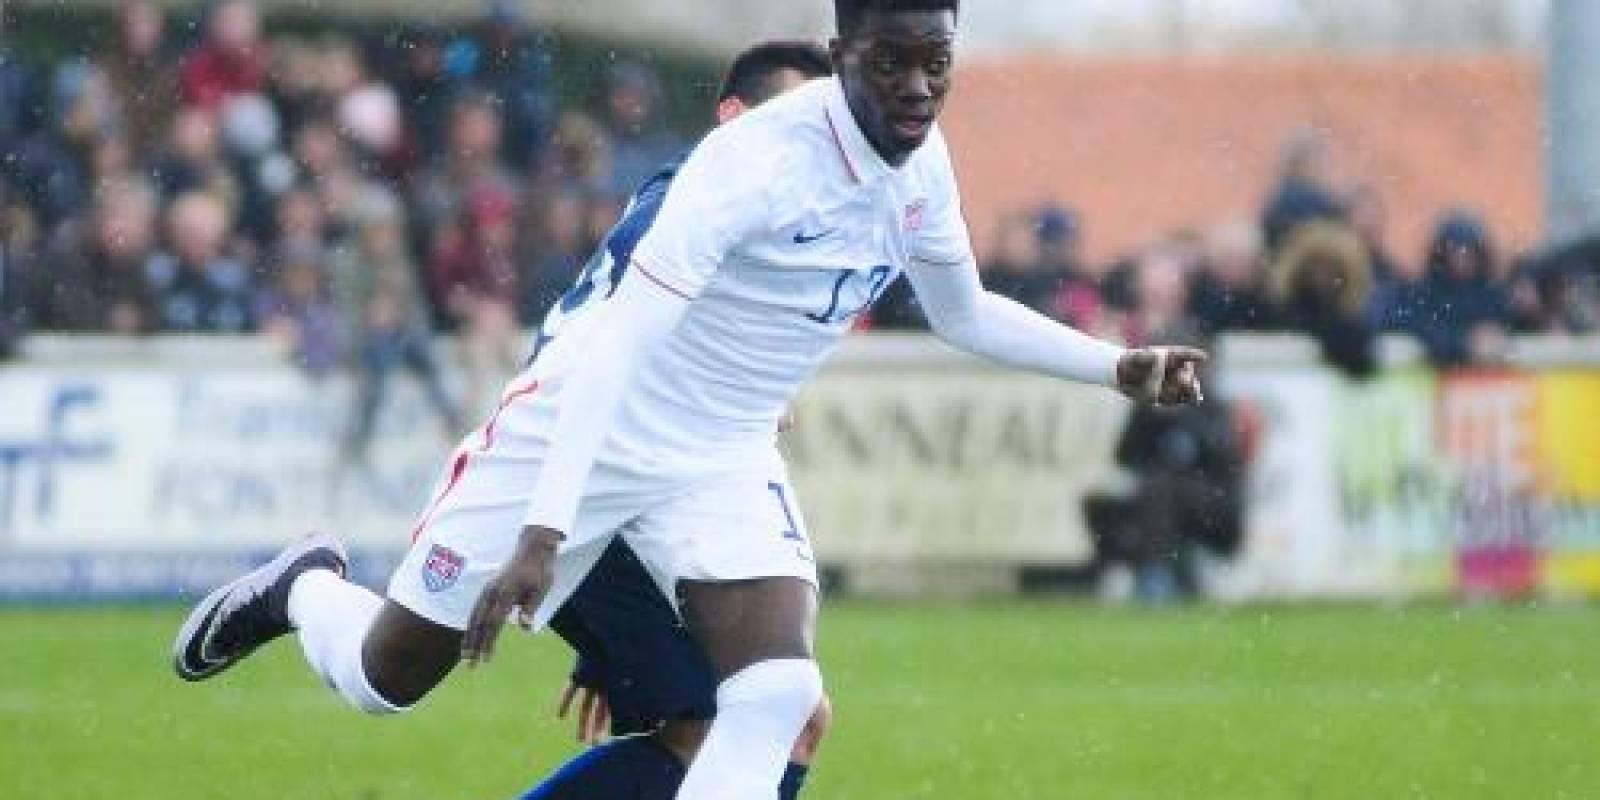 Timothy Weah representa a Estados Unidos. Este delantero pertenece al PSG y es hijo del liberiano George Weah, ganador del Balón de Oro en 1995.